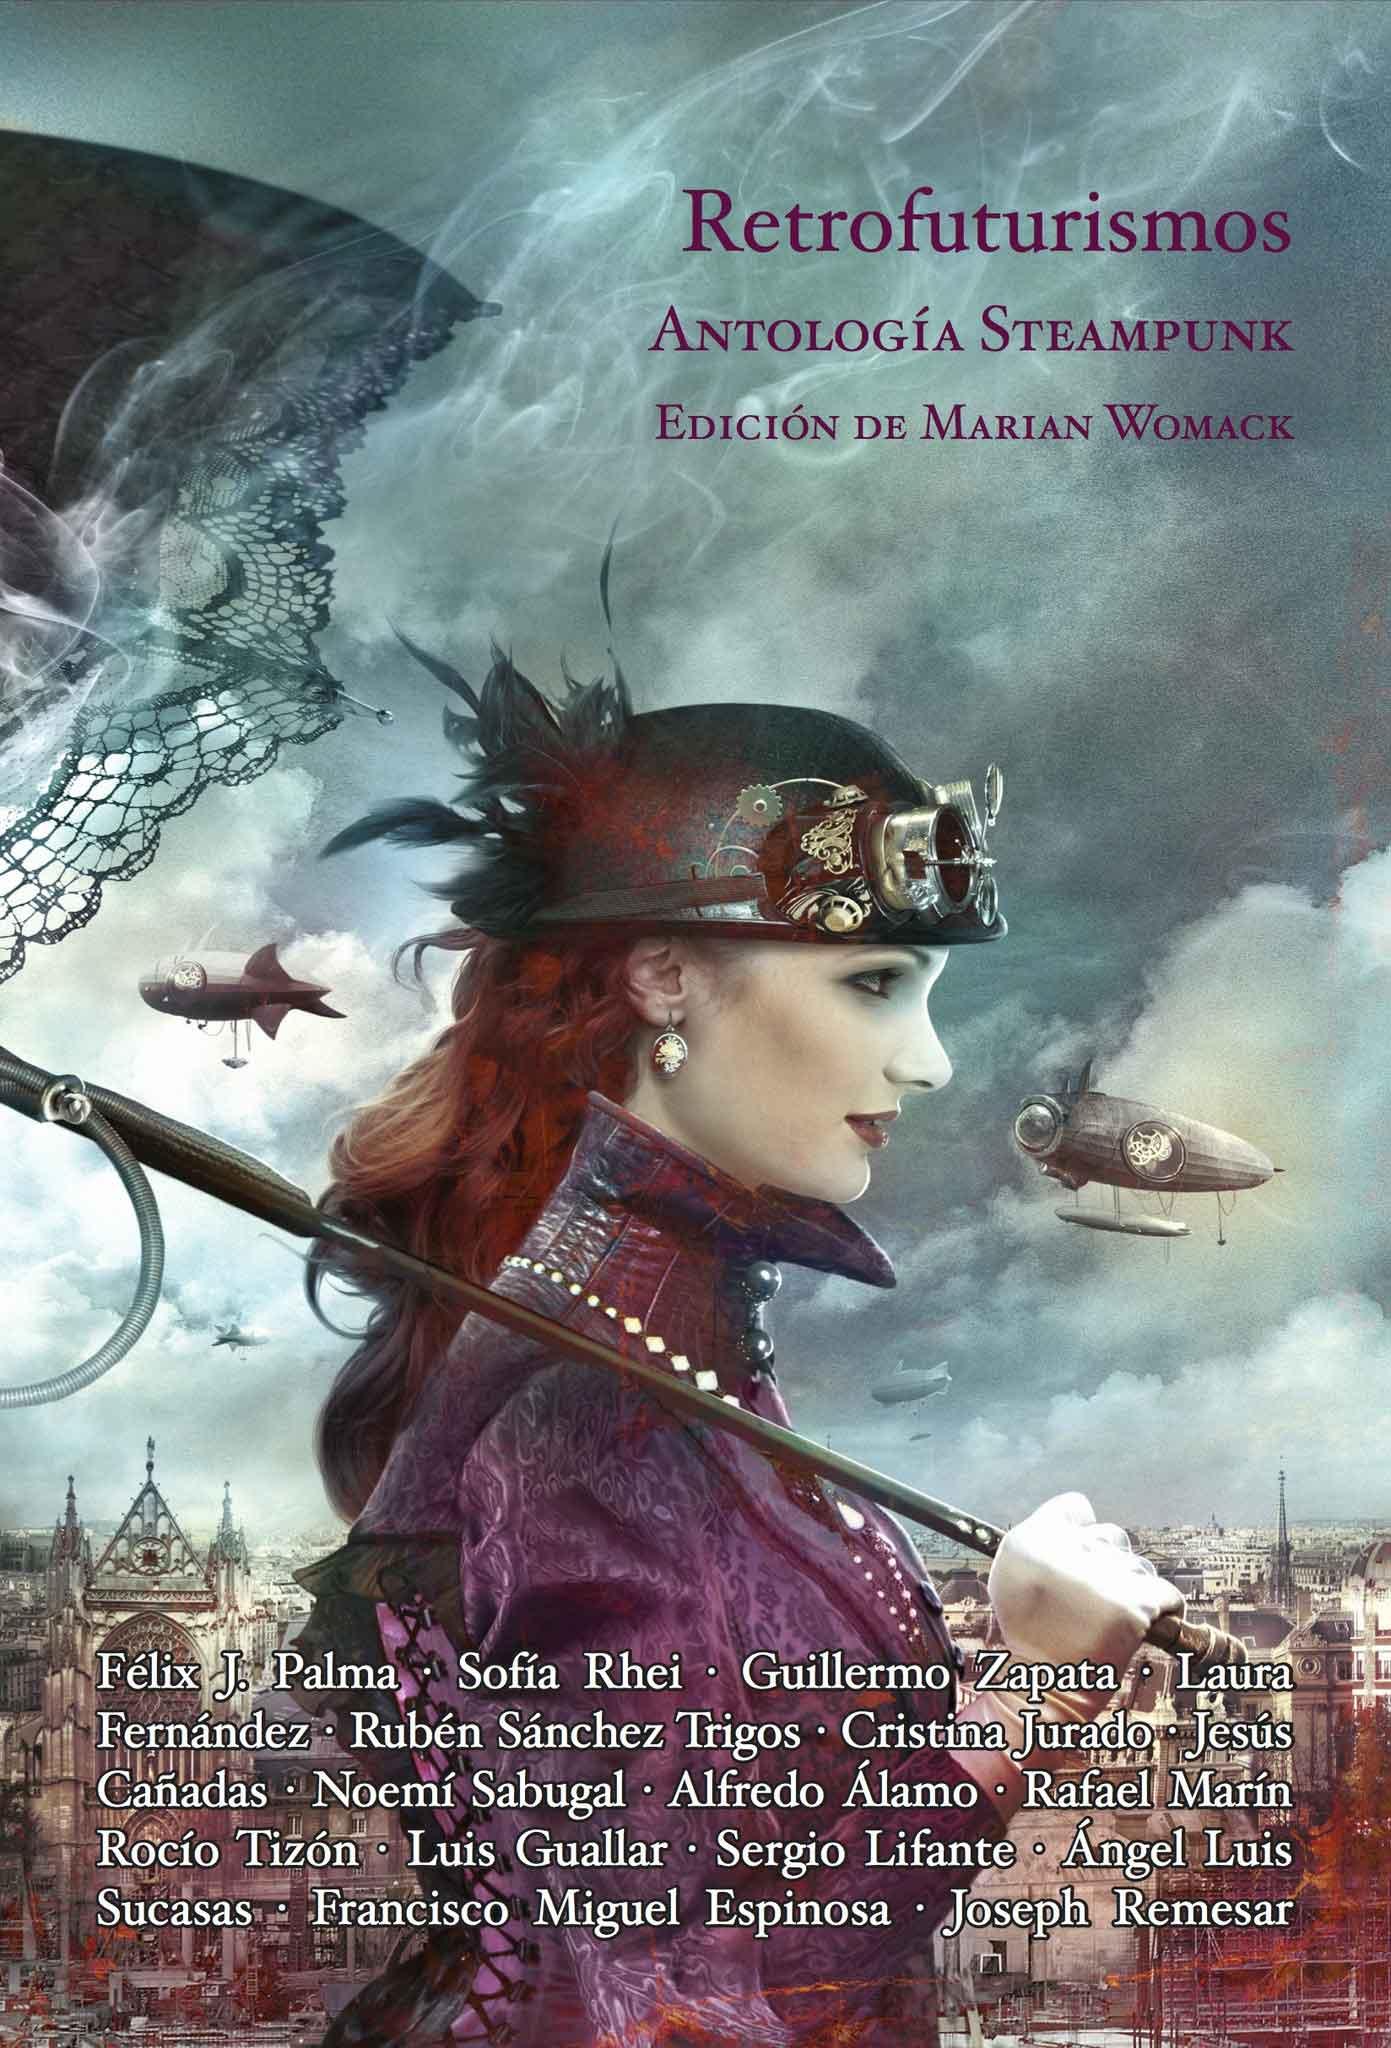 V.V.A.A. Retrofuturismos. Antología Steampunk; Edición de Marian Womack; Nevsky Prospects, 2014.